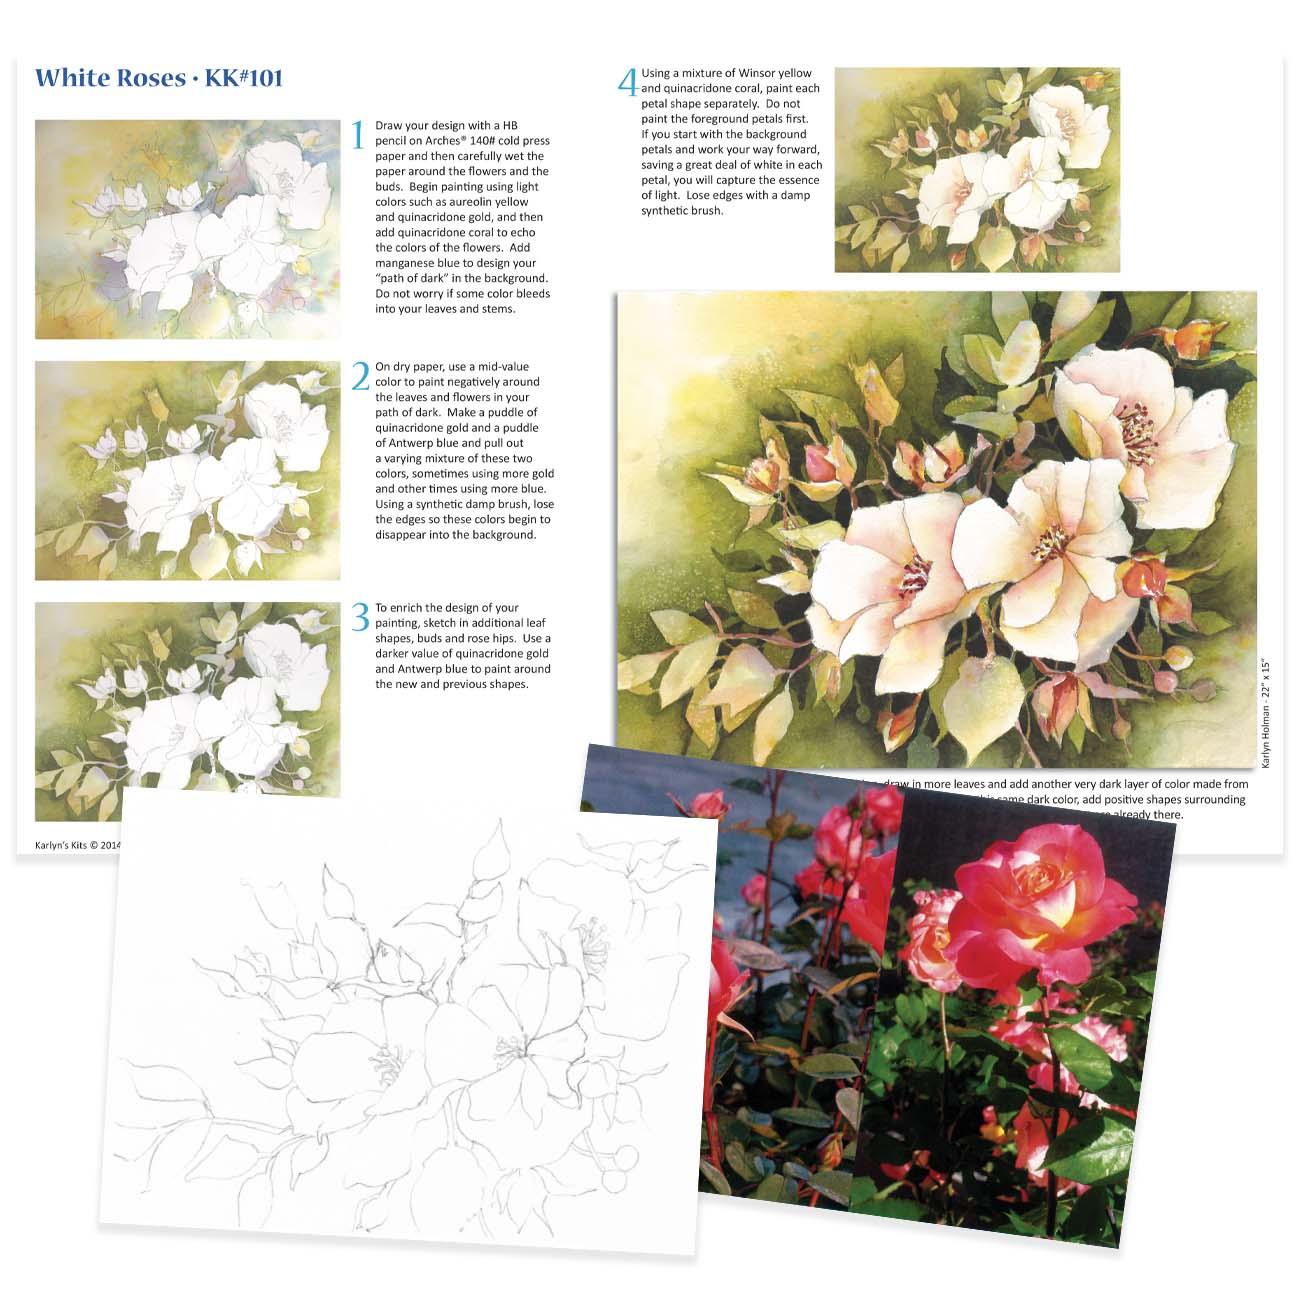 KK101 - White Roses